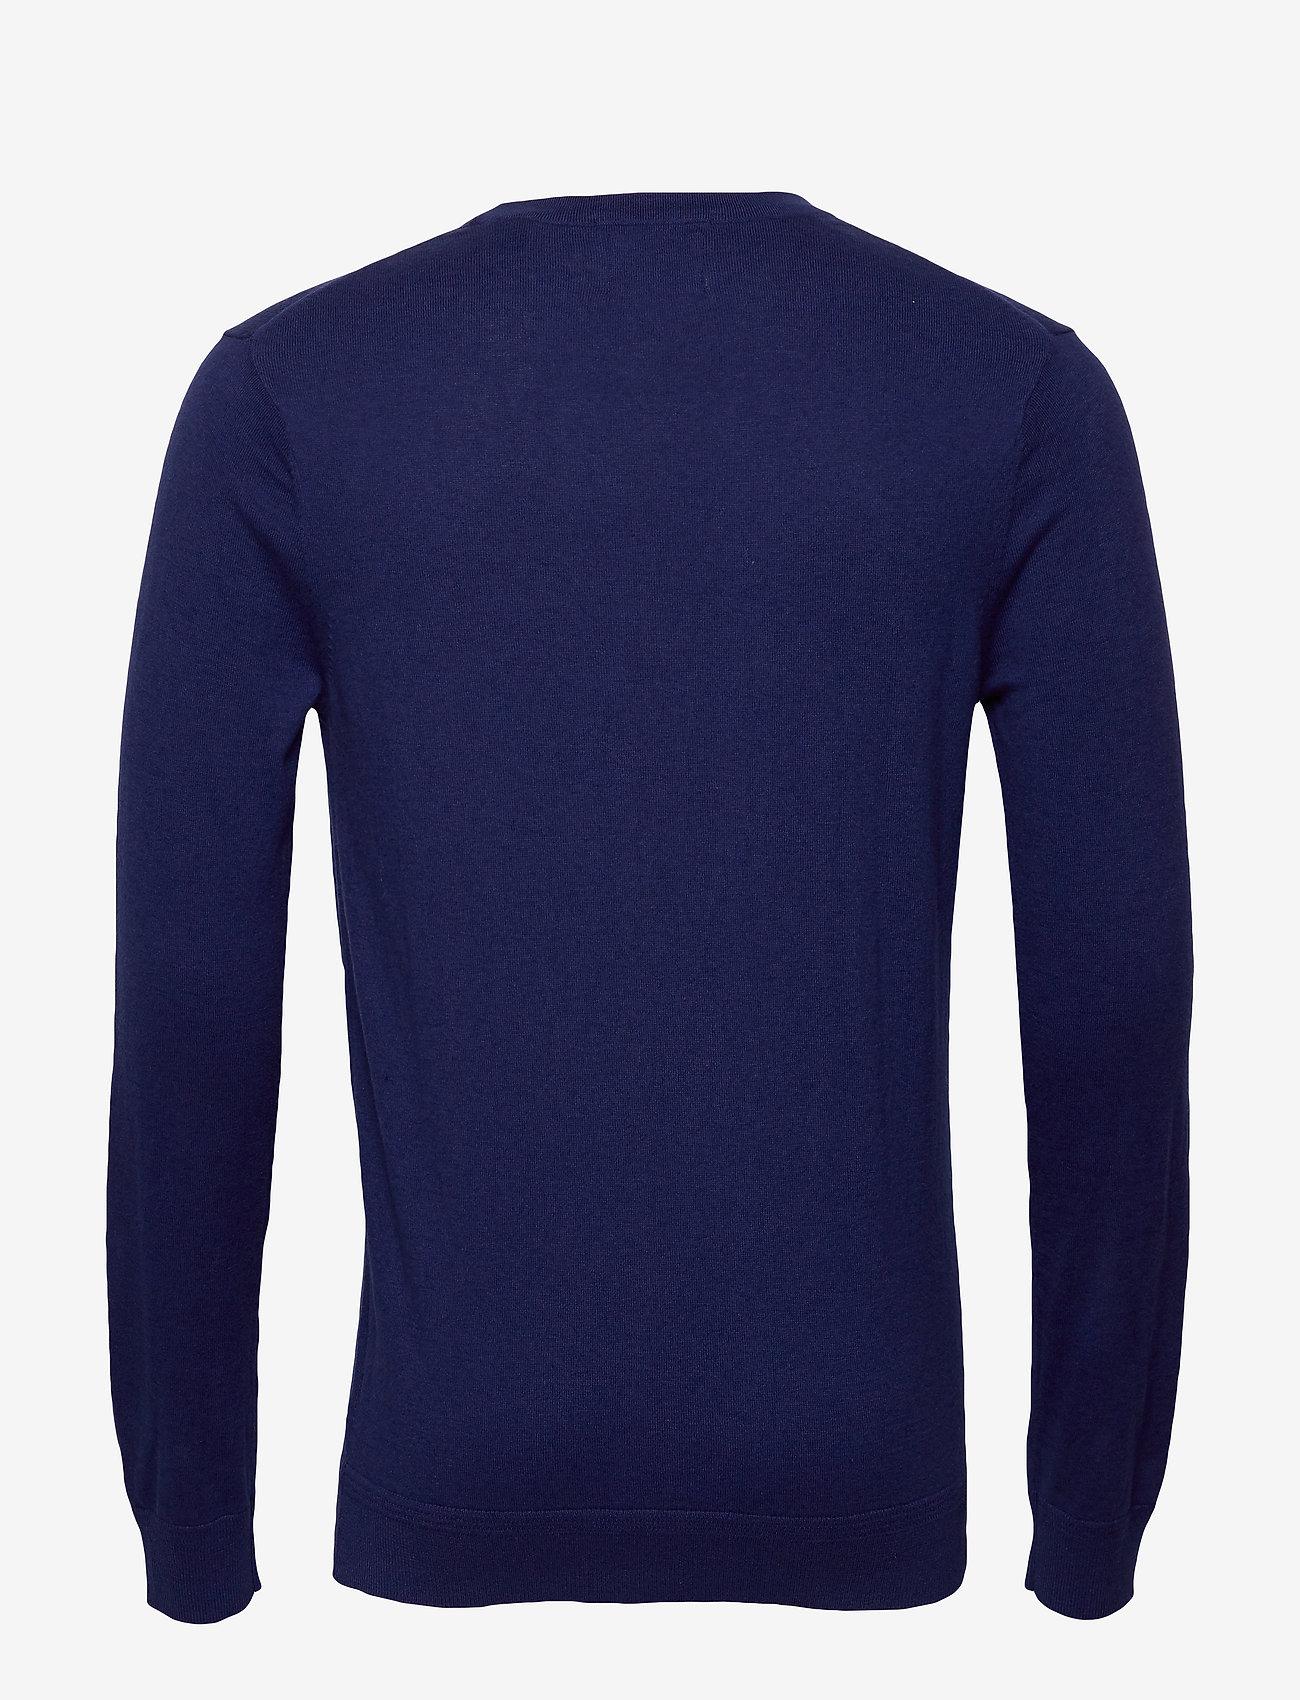 Scotch & Soda - Ams Blauw cotton cashmere crew  neck pull - tricots basiques - sacre blue - 1